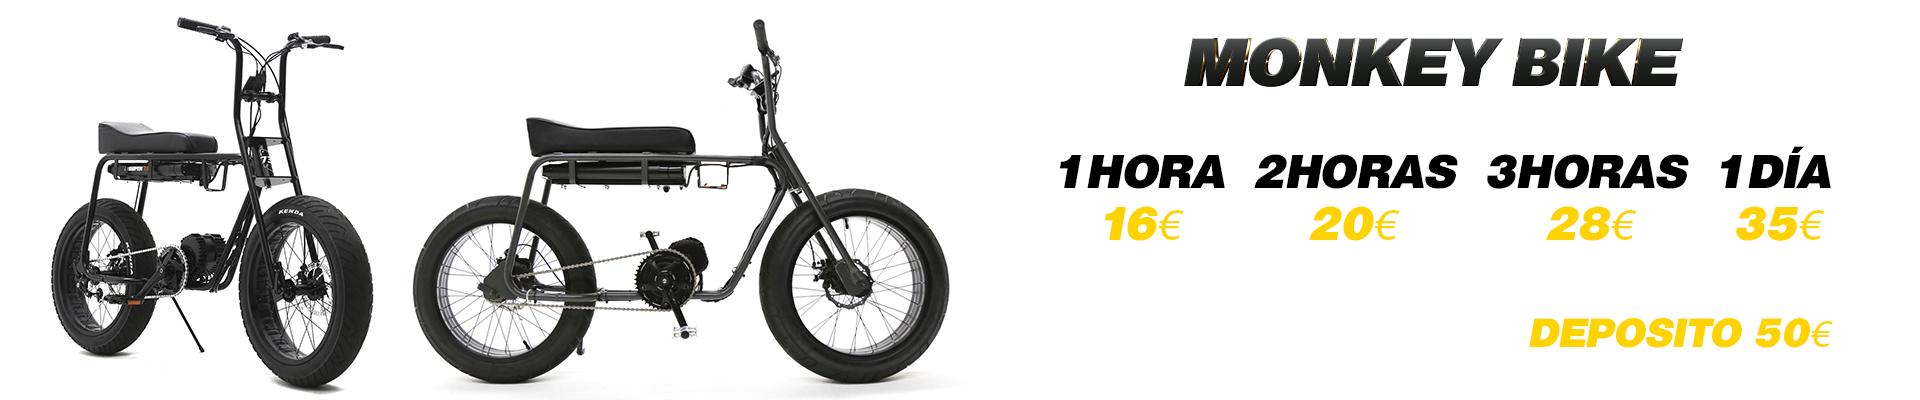 Precio monkey bike albir